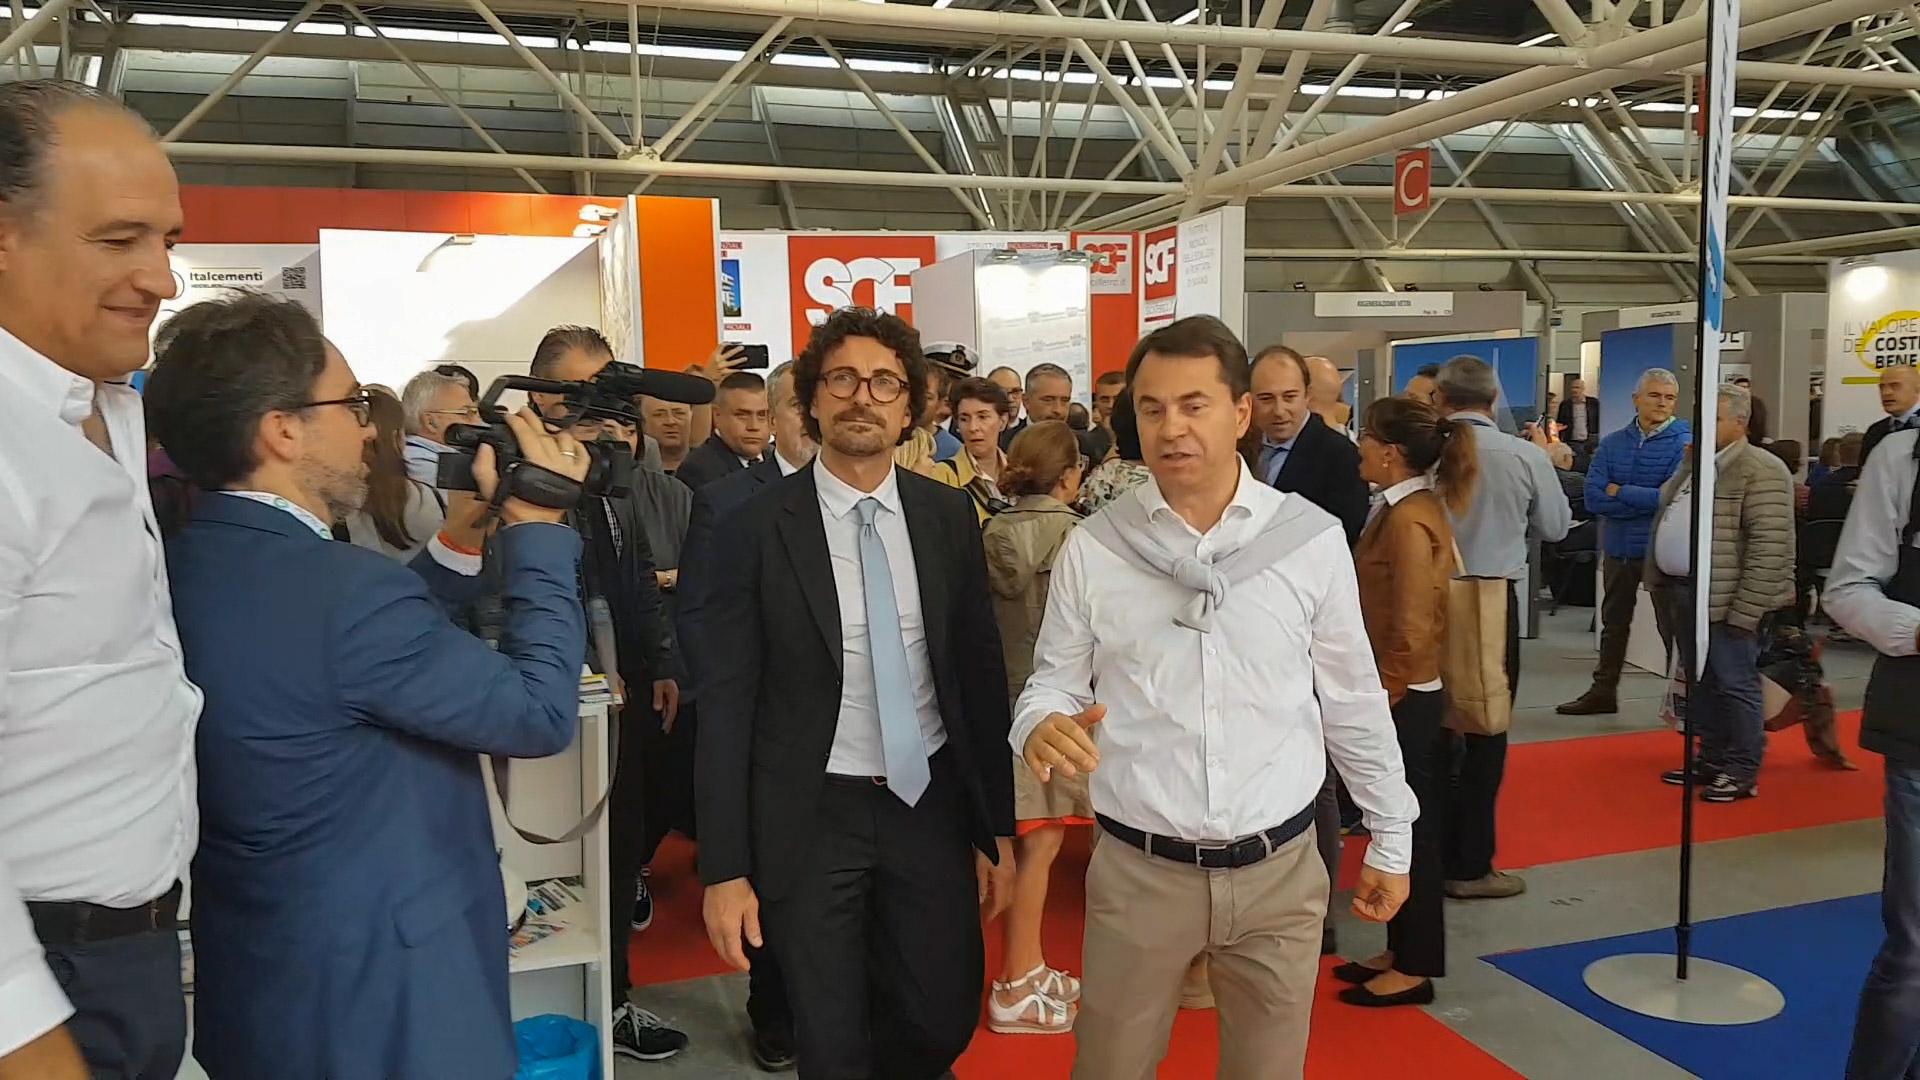 Il Ministro Danilo Toninelli scopre al Saie di Bologna i nuovi calcestruzzi fotoluminescenti di Colabeton.